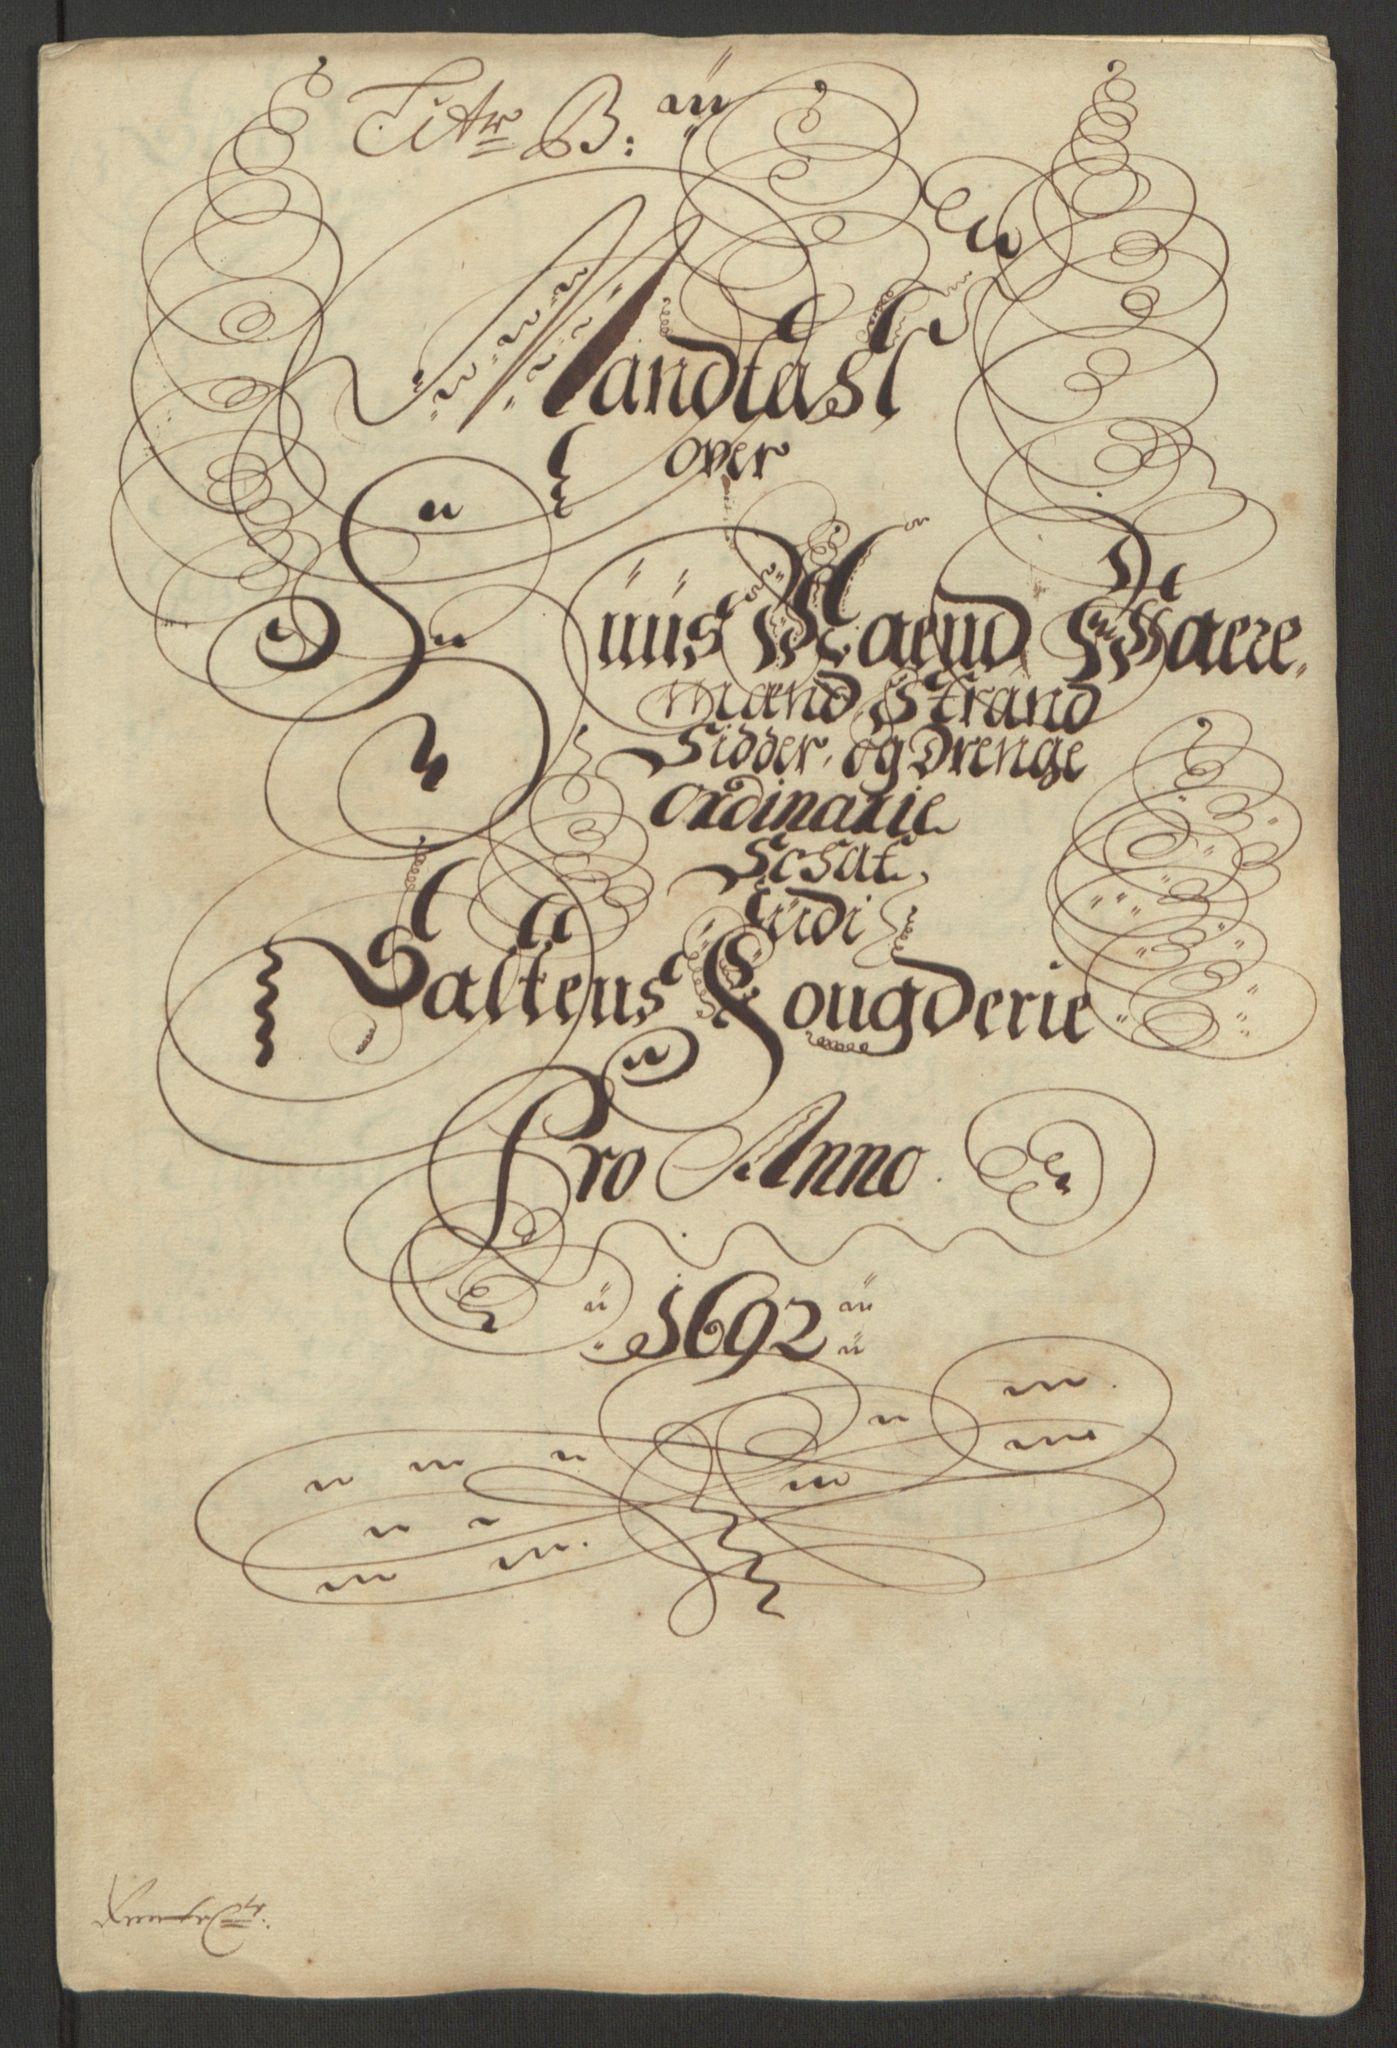 RA, Rentekammeret inntil 1814, Reviderte regnskaper, Fogderegnskap, R66/L4577: Fogderegnskap Salten, 1691-1693, s. 165